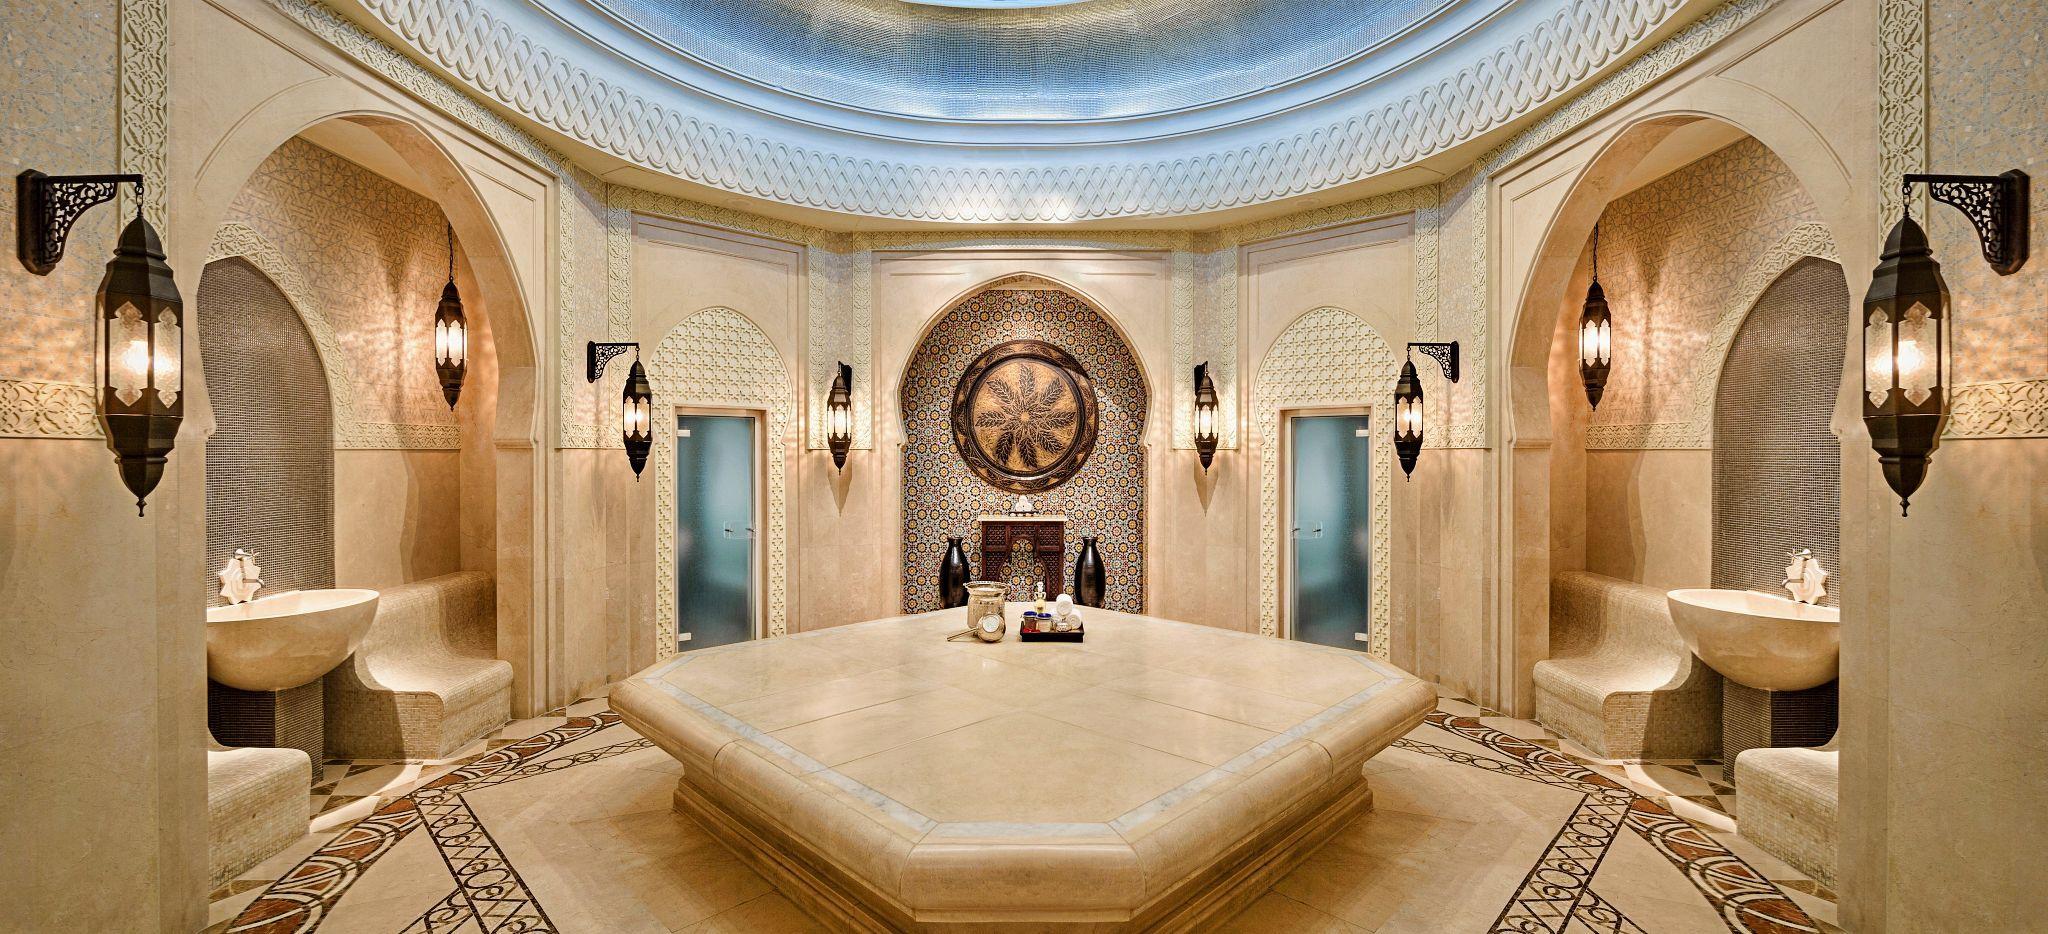 Hammam des Hotels Emirates Palace Abu Dhabi